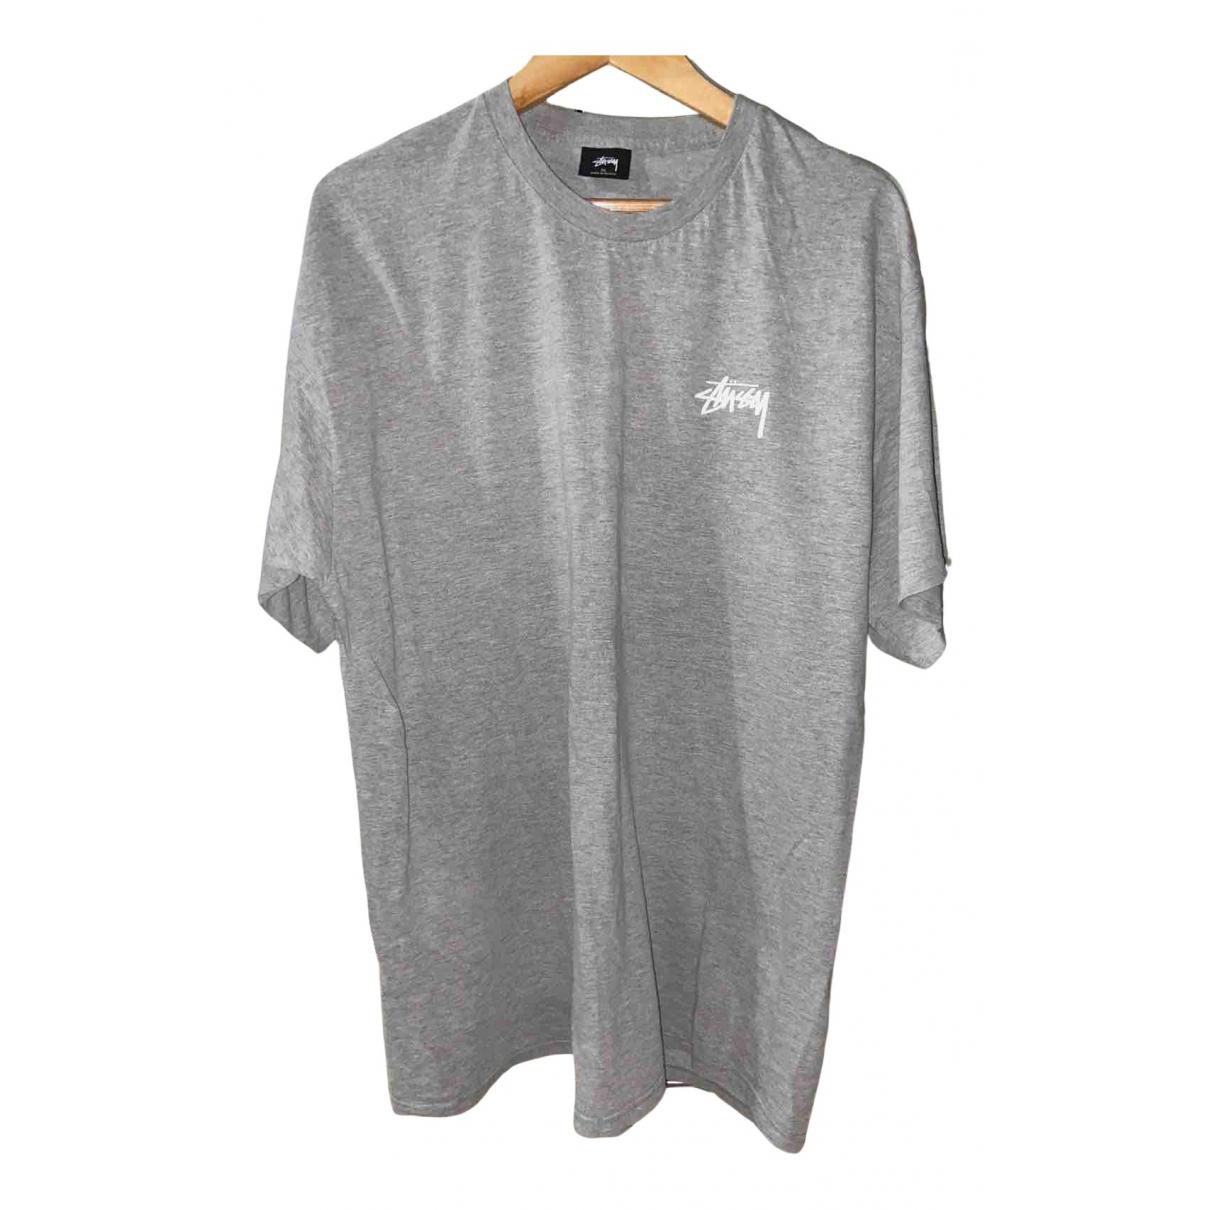 Stussy - Tee shirts   pour homme en coton - gris